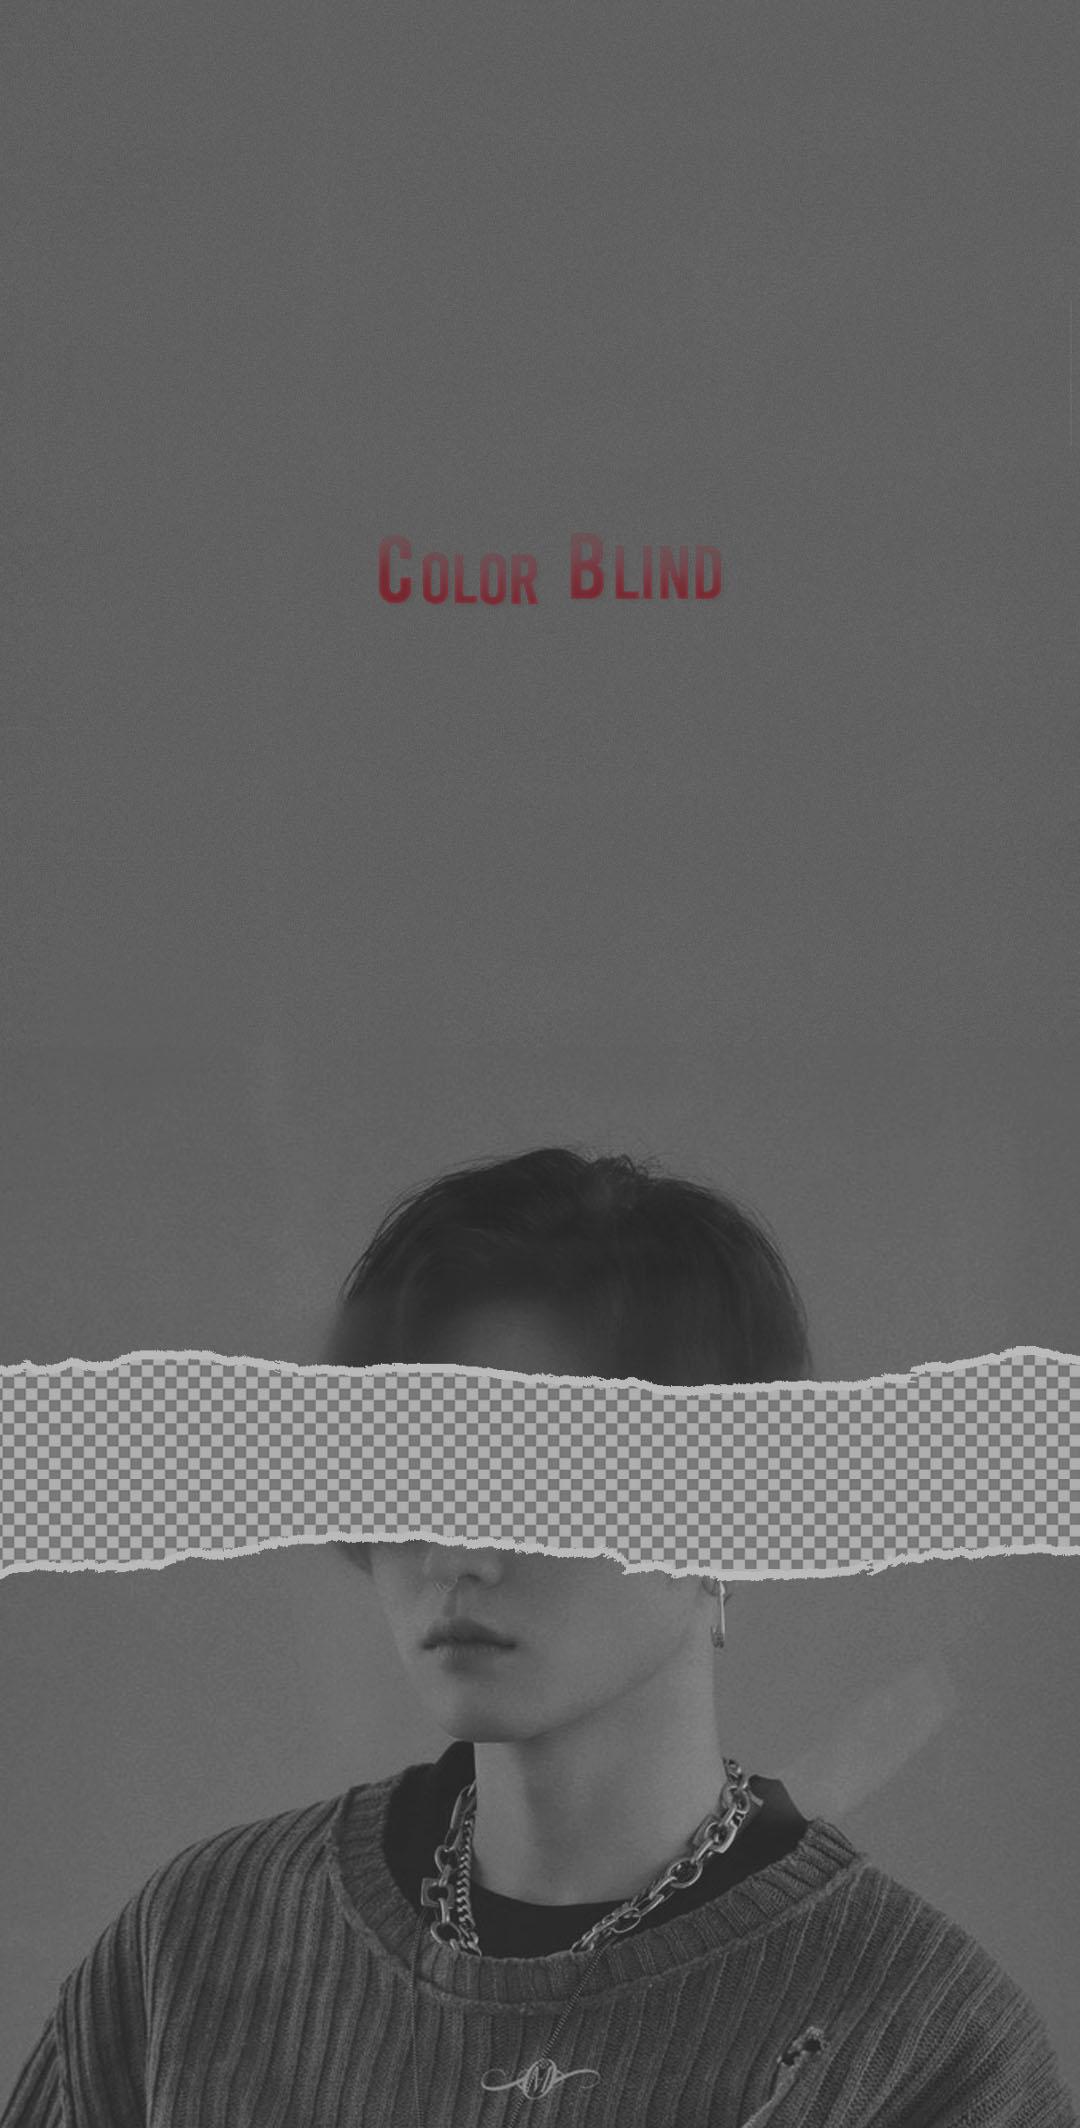 16122019 - Color blind